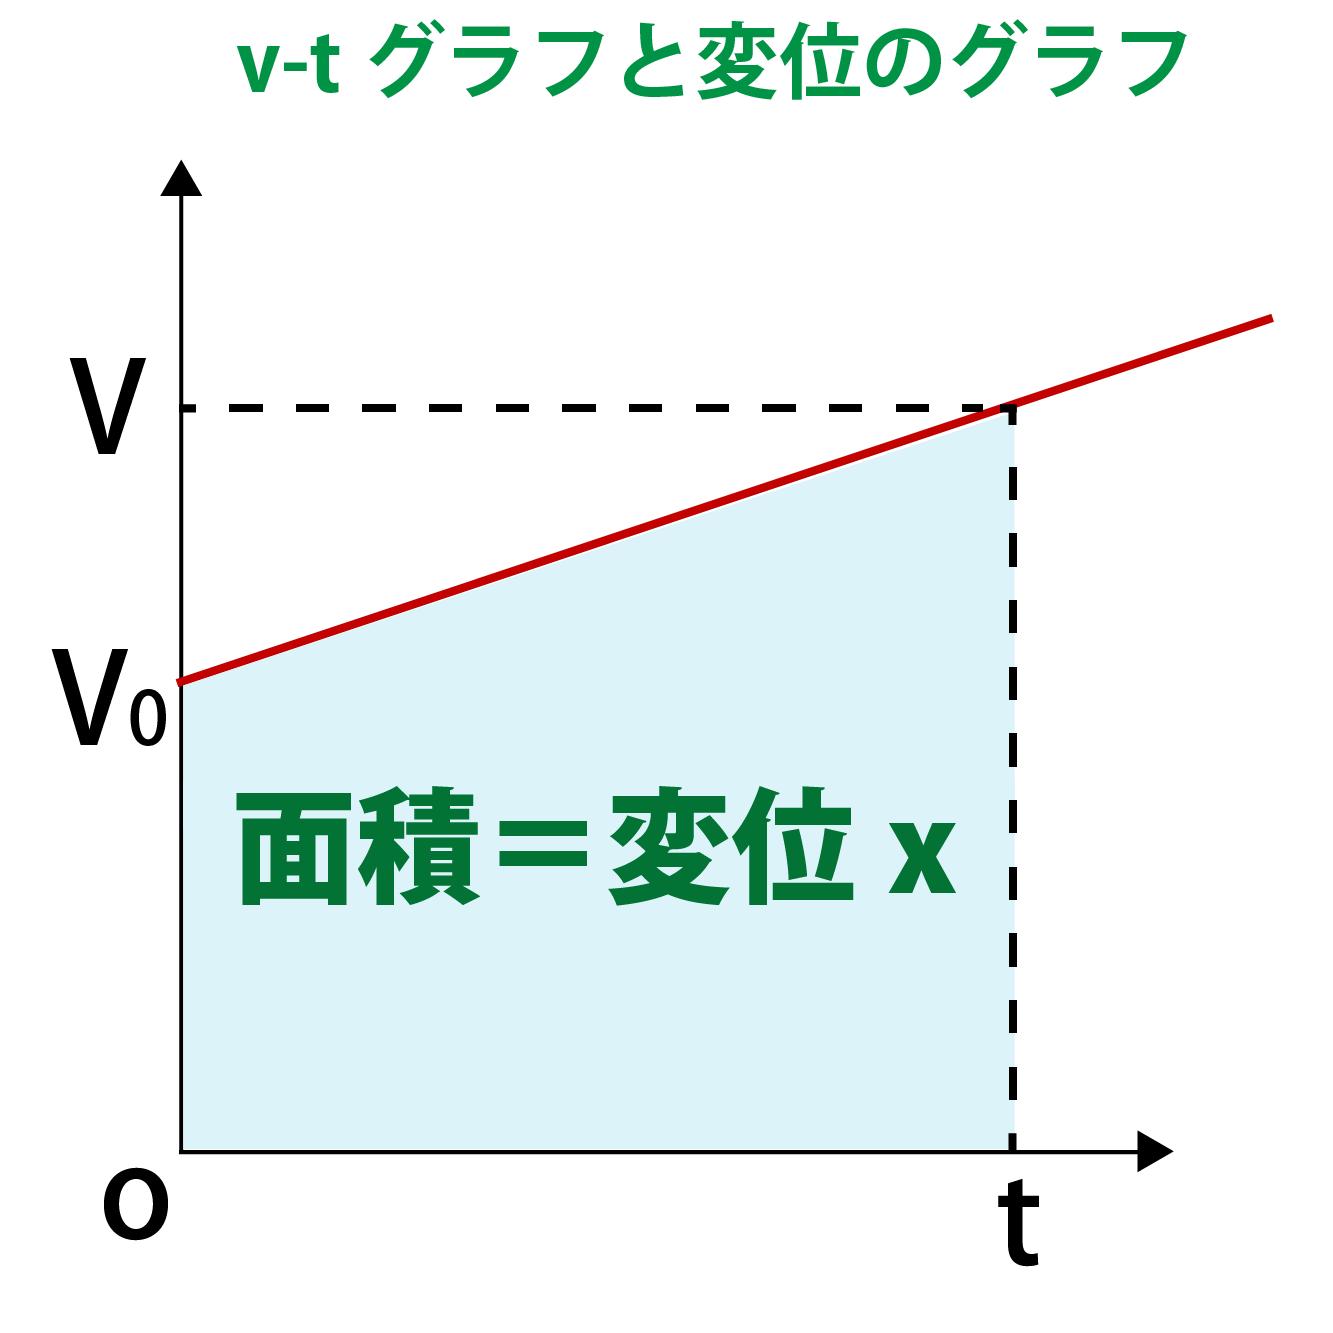 v-tグラフと変位の関係グラフ